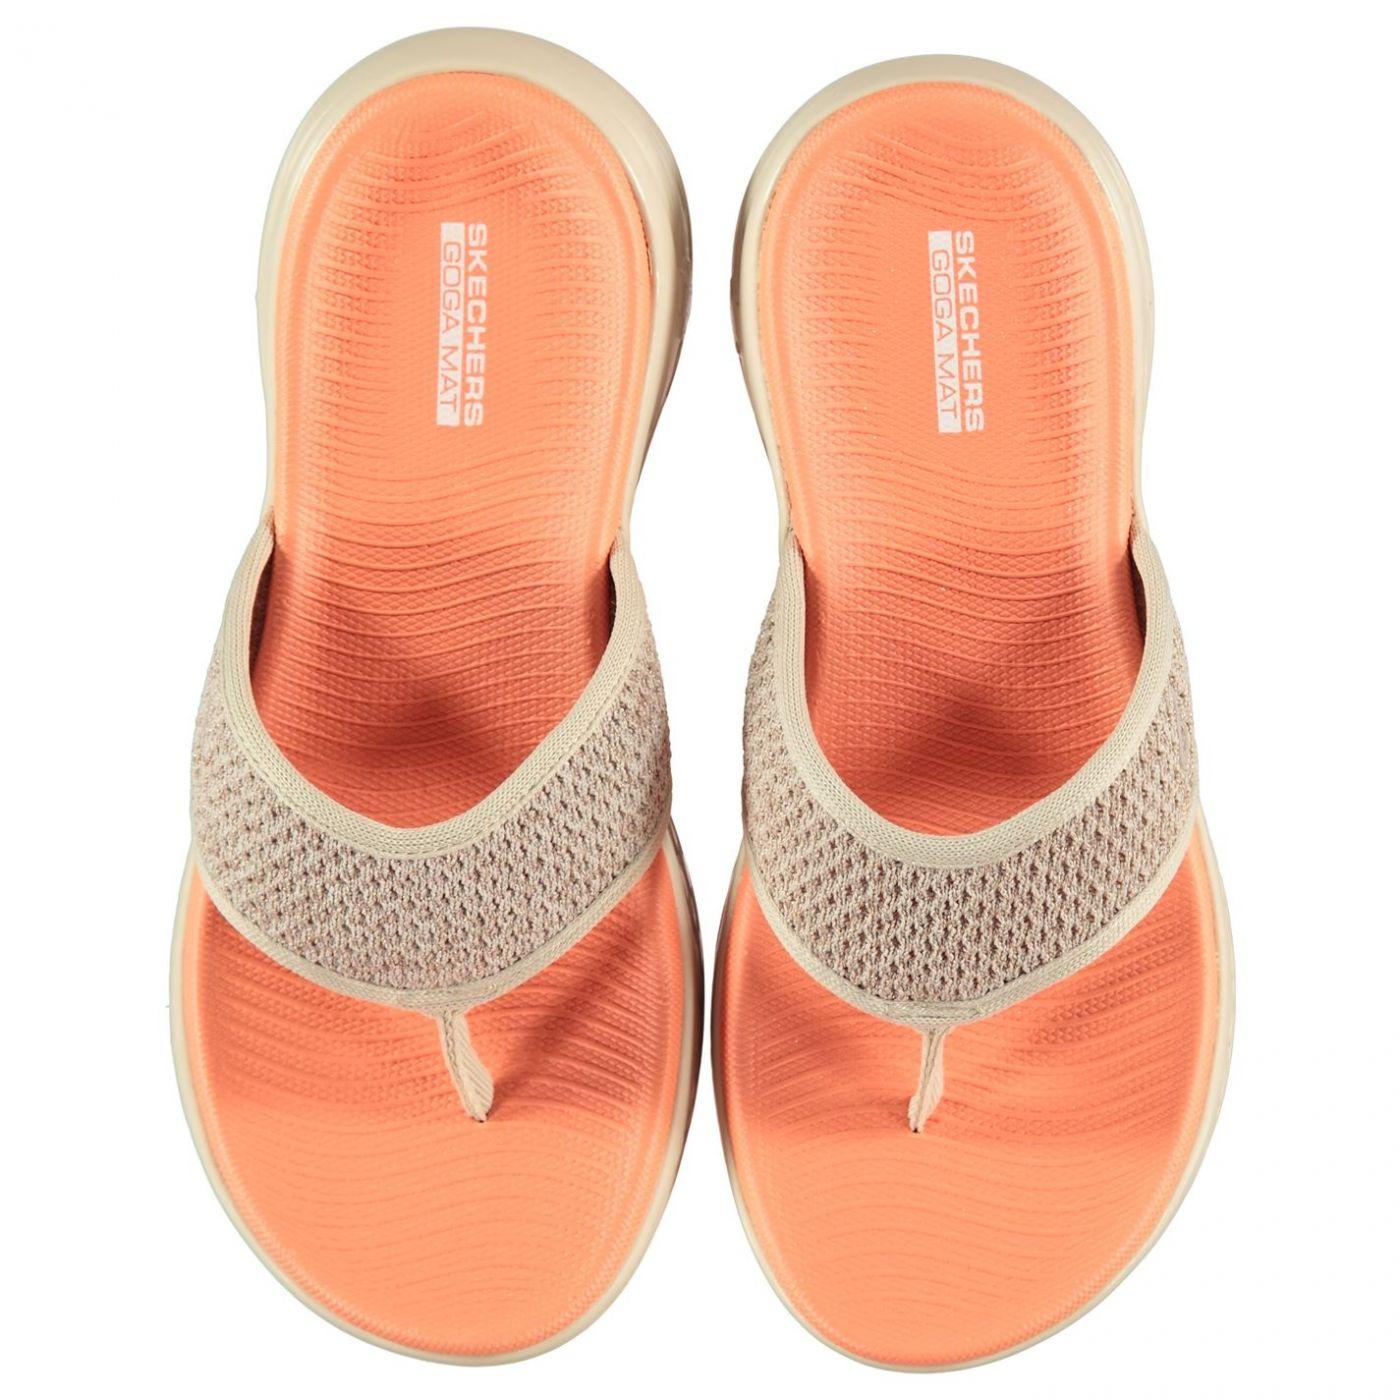 Skechers OTG Glossy Ld93